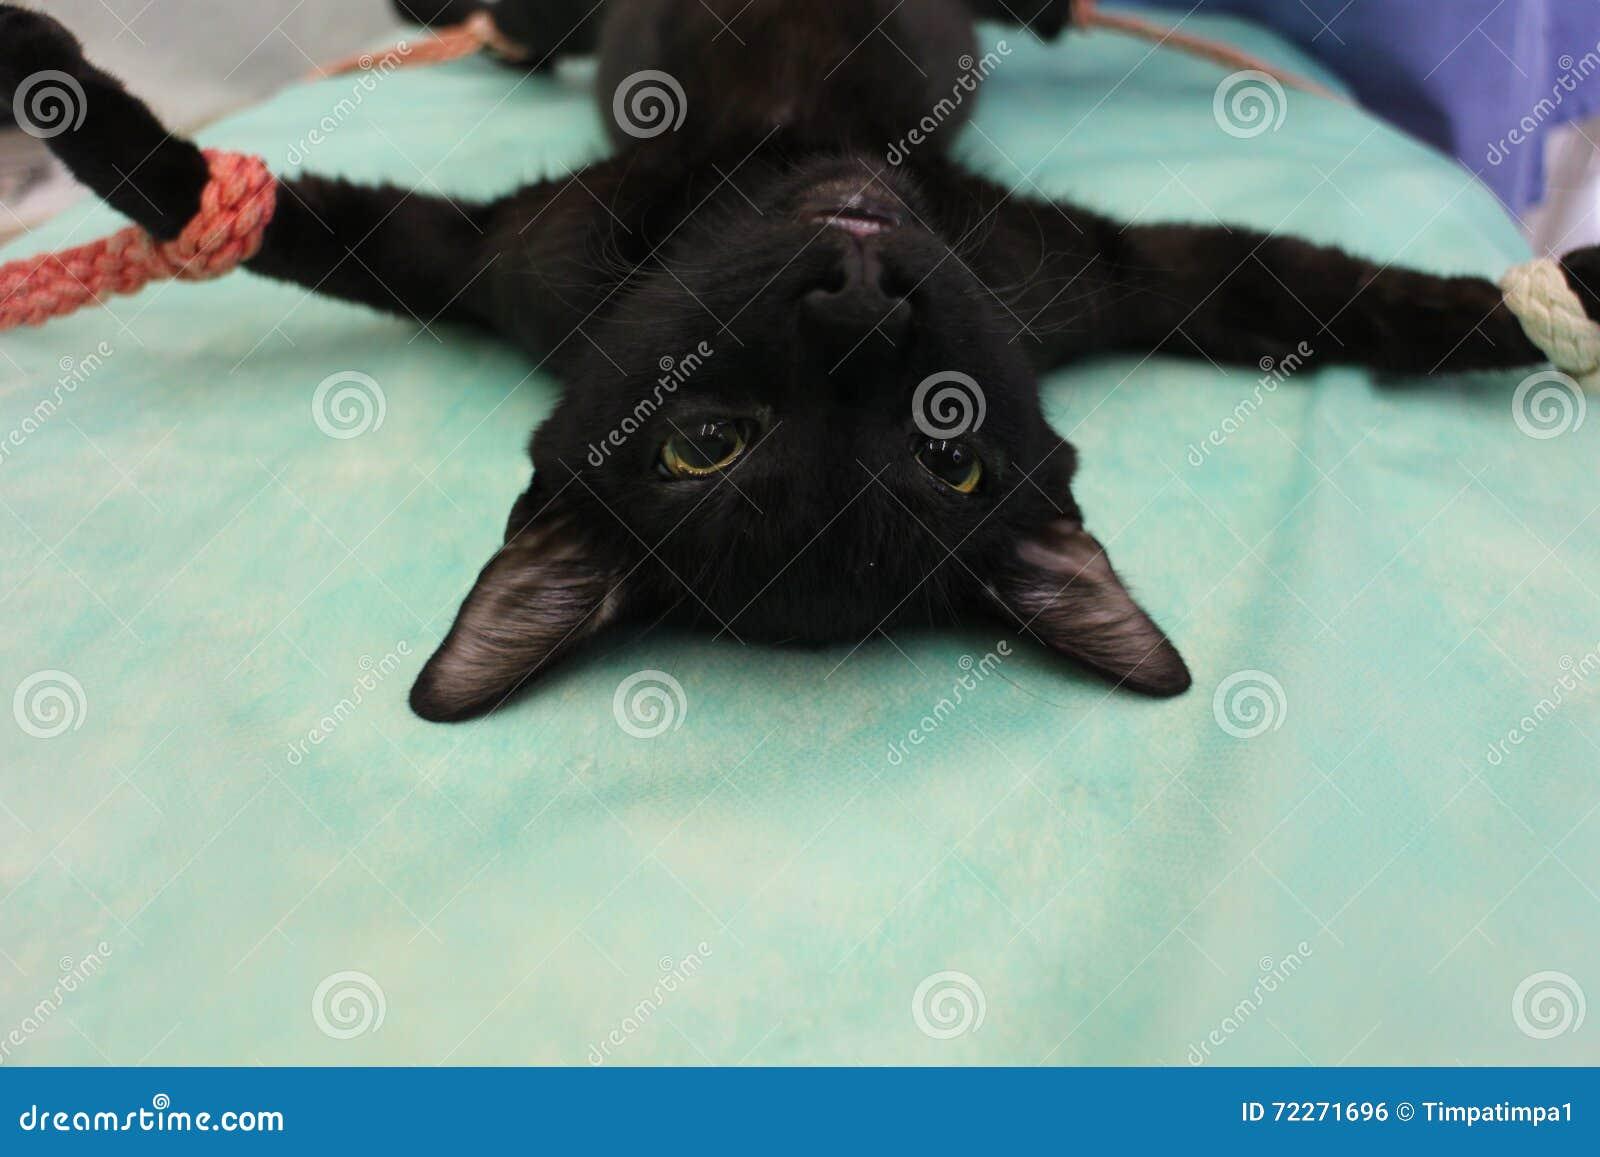 Tomcat w anestezi - weterynaryjna operacja